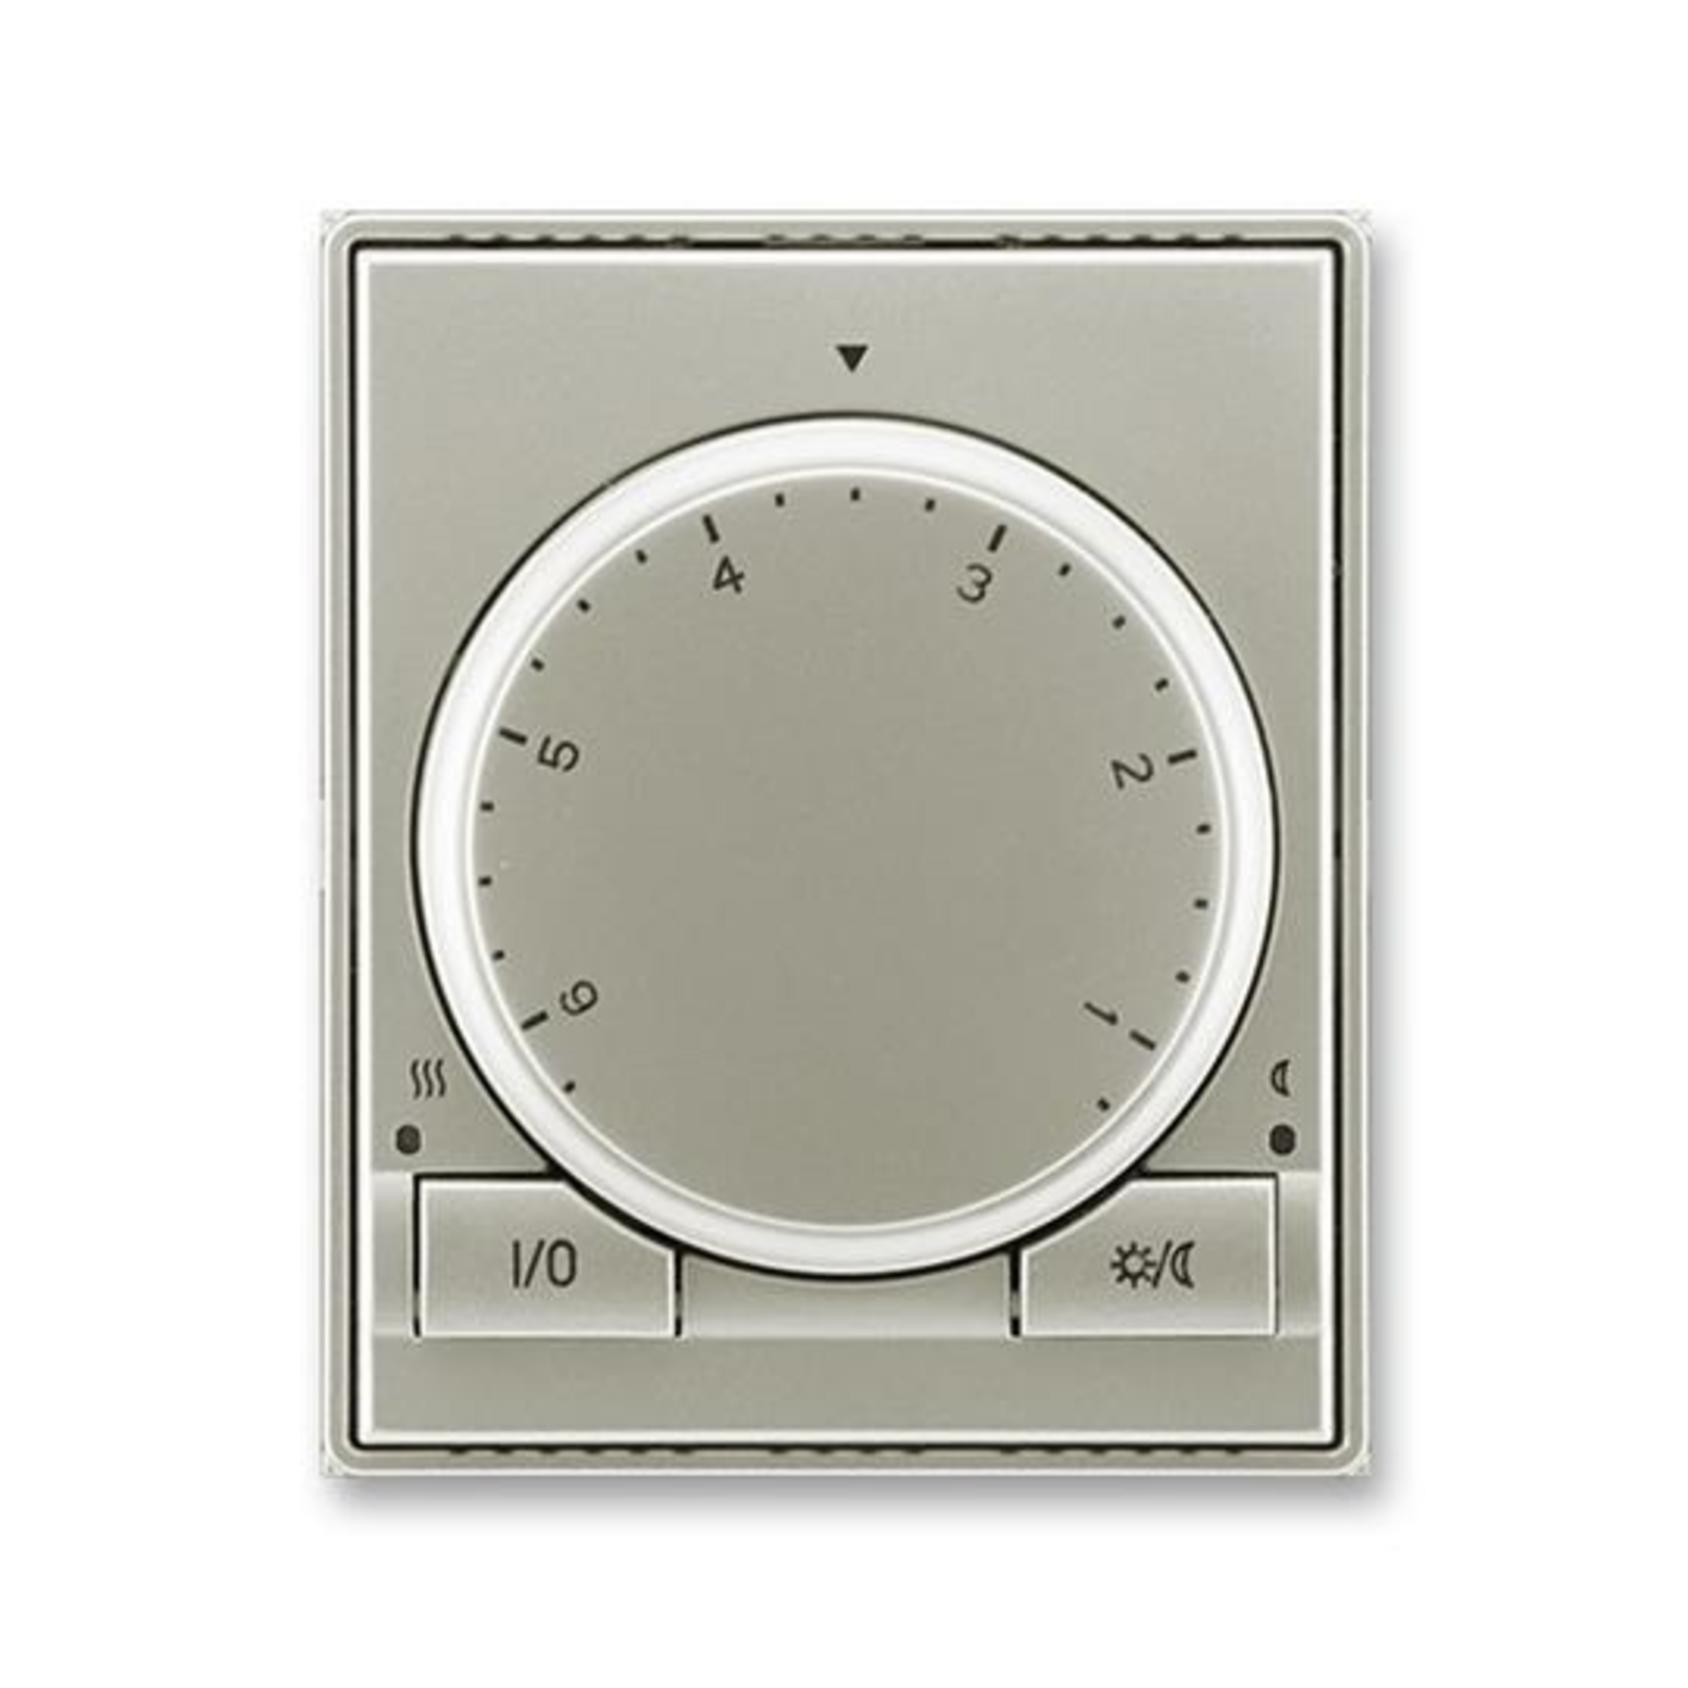 ABB 3292E-A10101 32 Time Termostat univerzální s otočným nastavením teploty (ovl. jednotka)